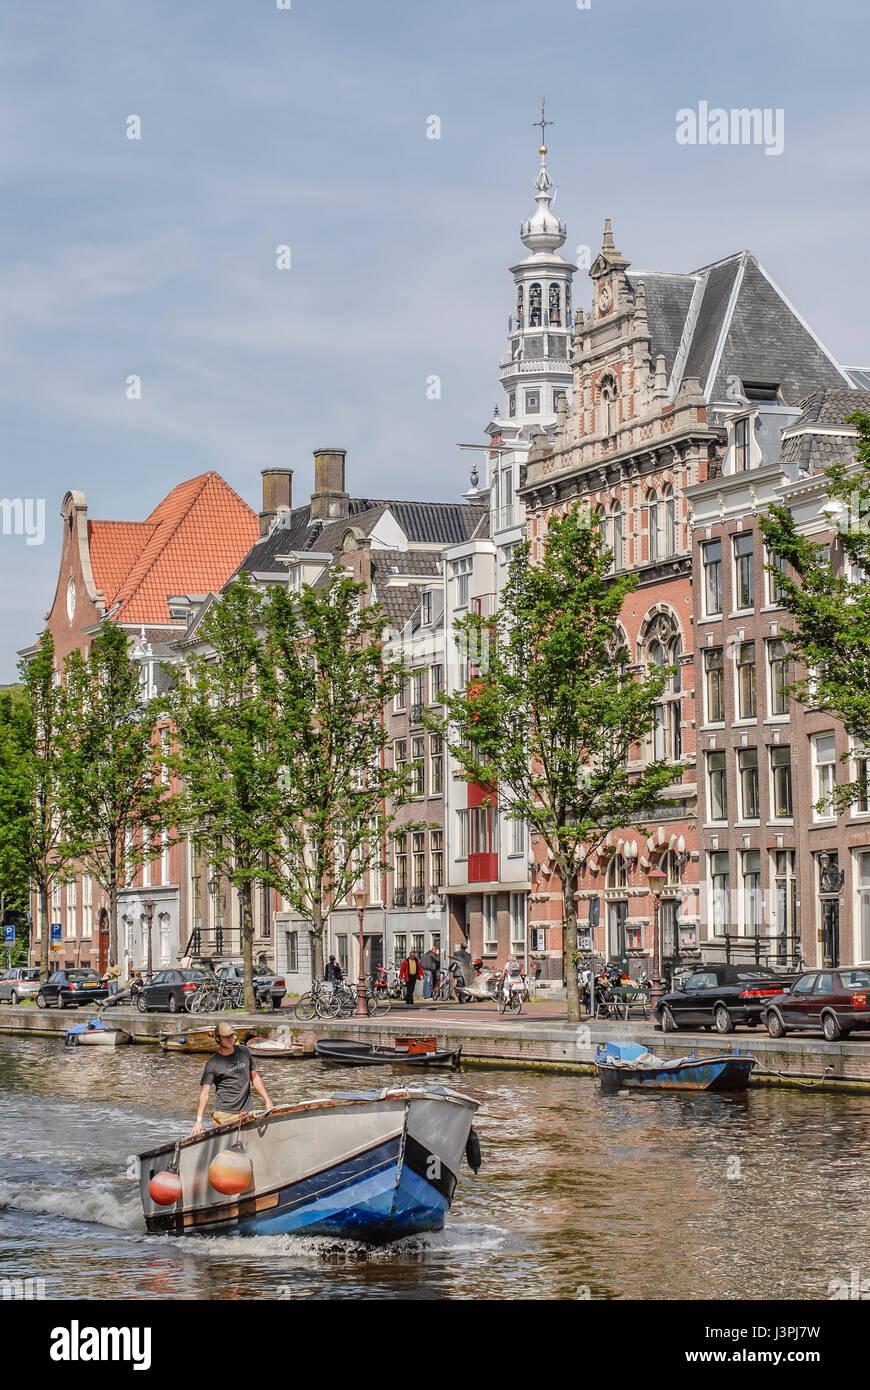 Petit bateau qui traverse un canal d'eau d'Amsterdam, Pays-Bas Banque D'Images